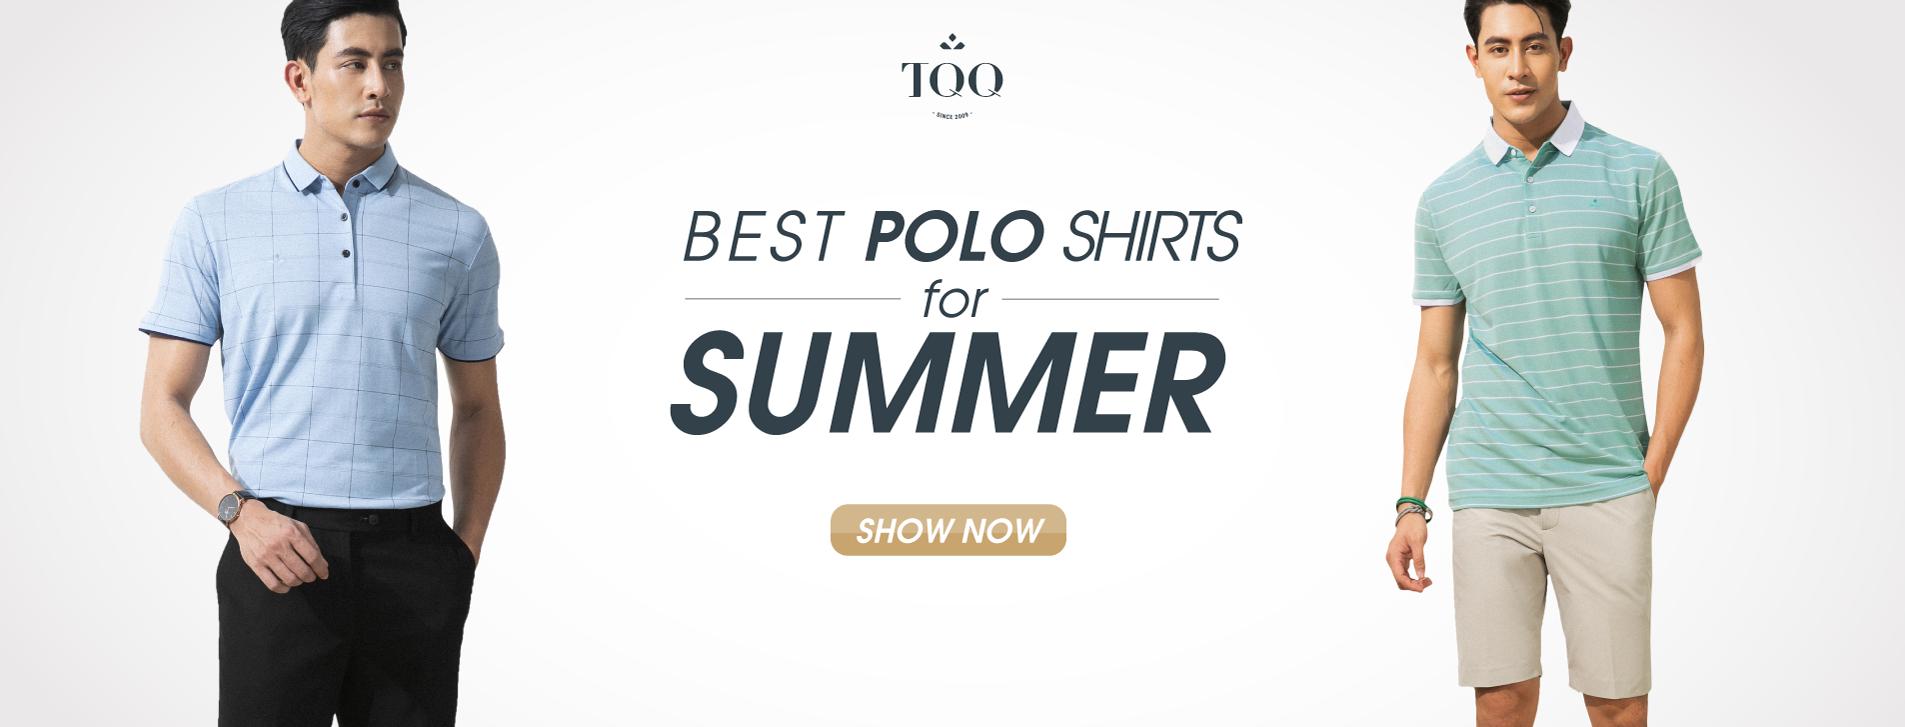 những mẫu áo phông polo đẹp nhất 2019